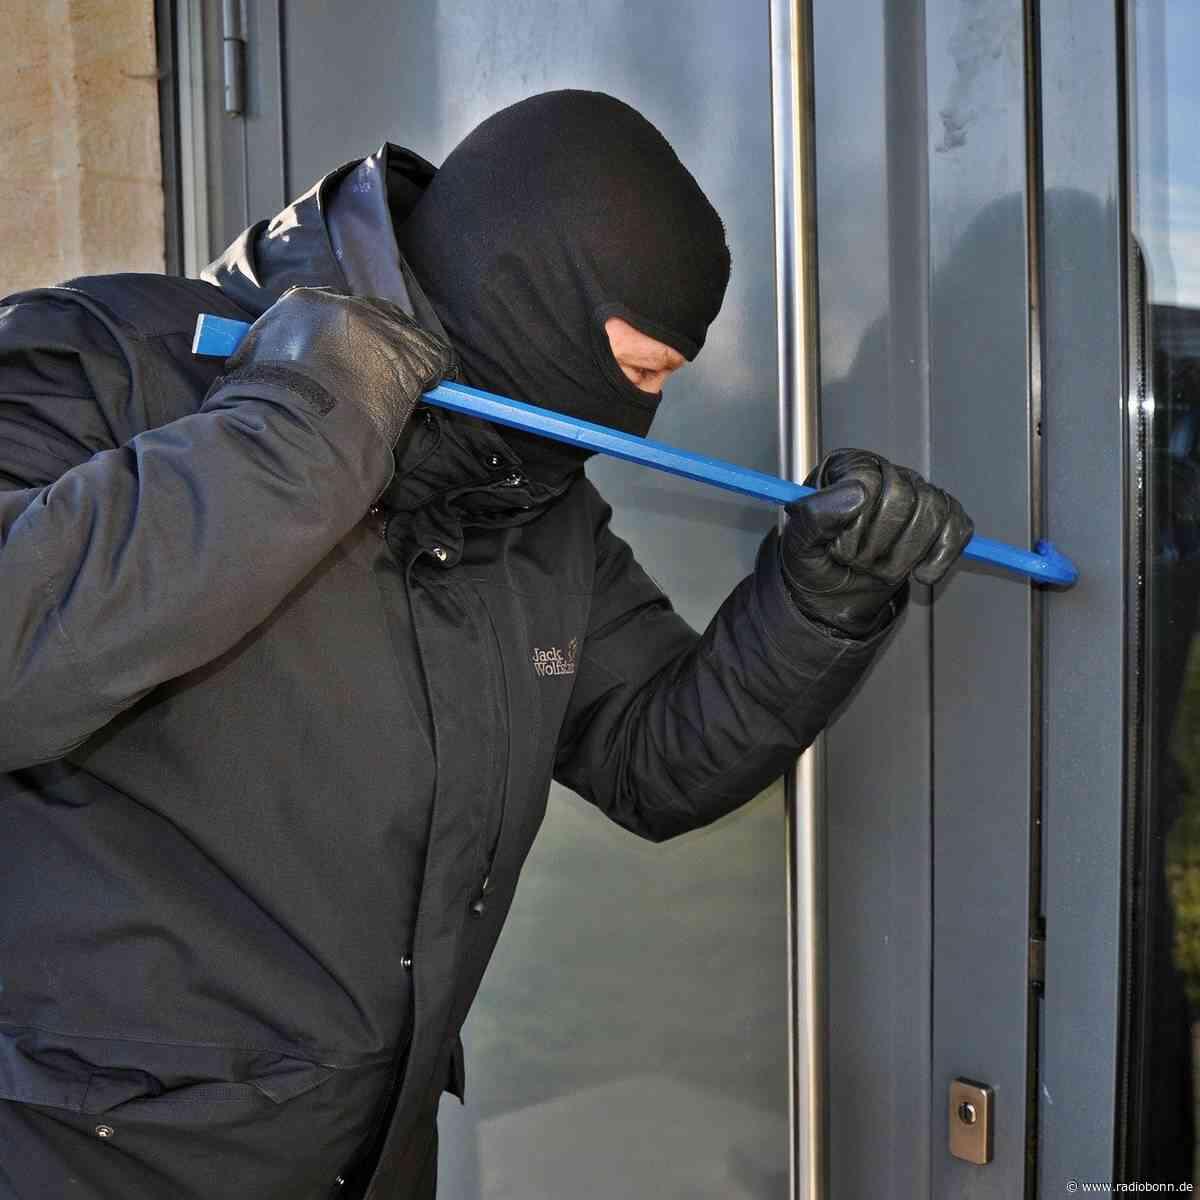 Polizei sucht in Lohmar und Siegburg nach Einbrechern - radiobonn.de